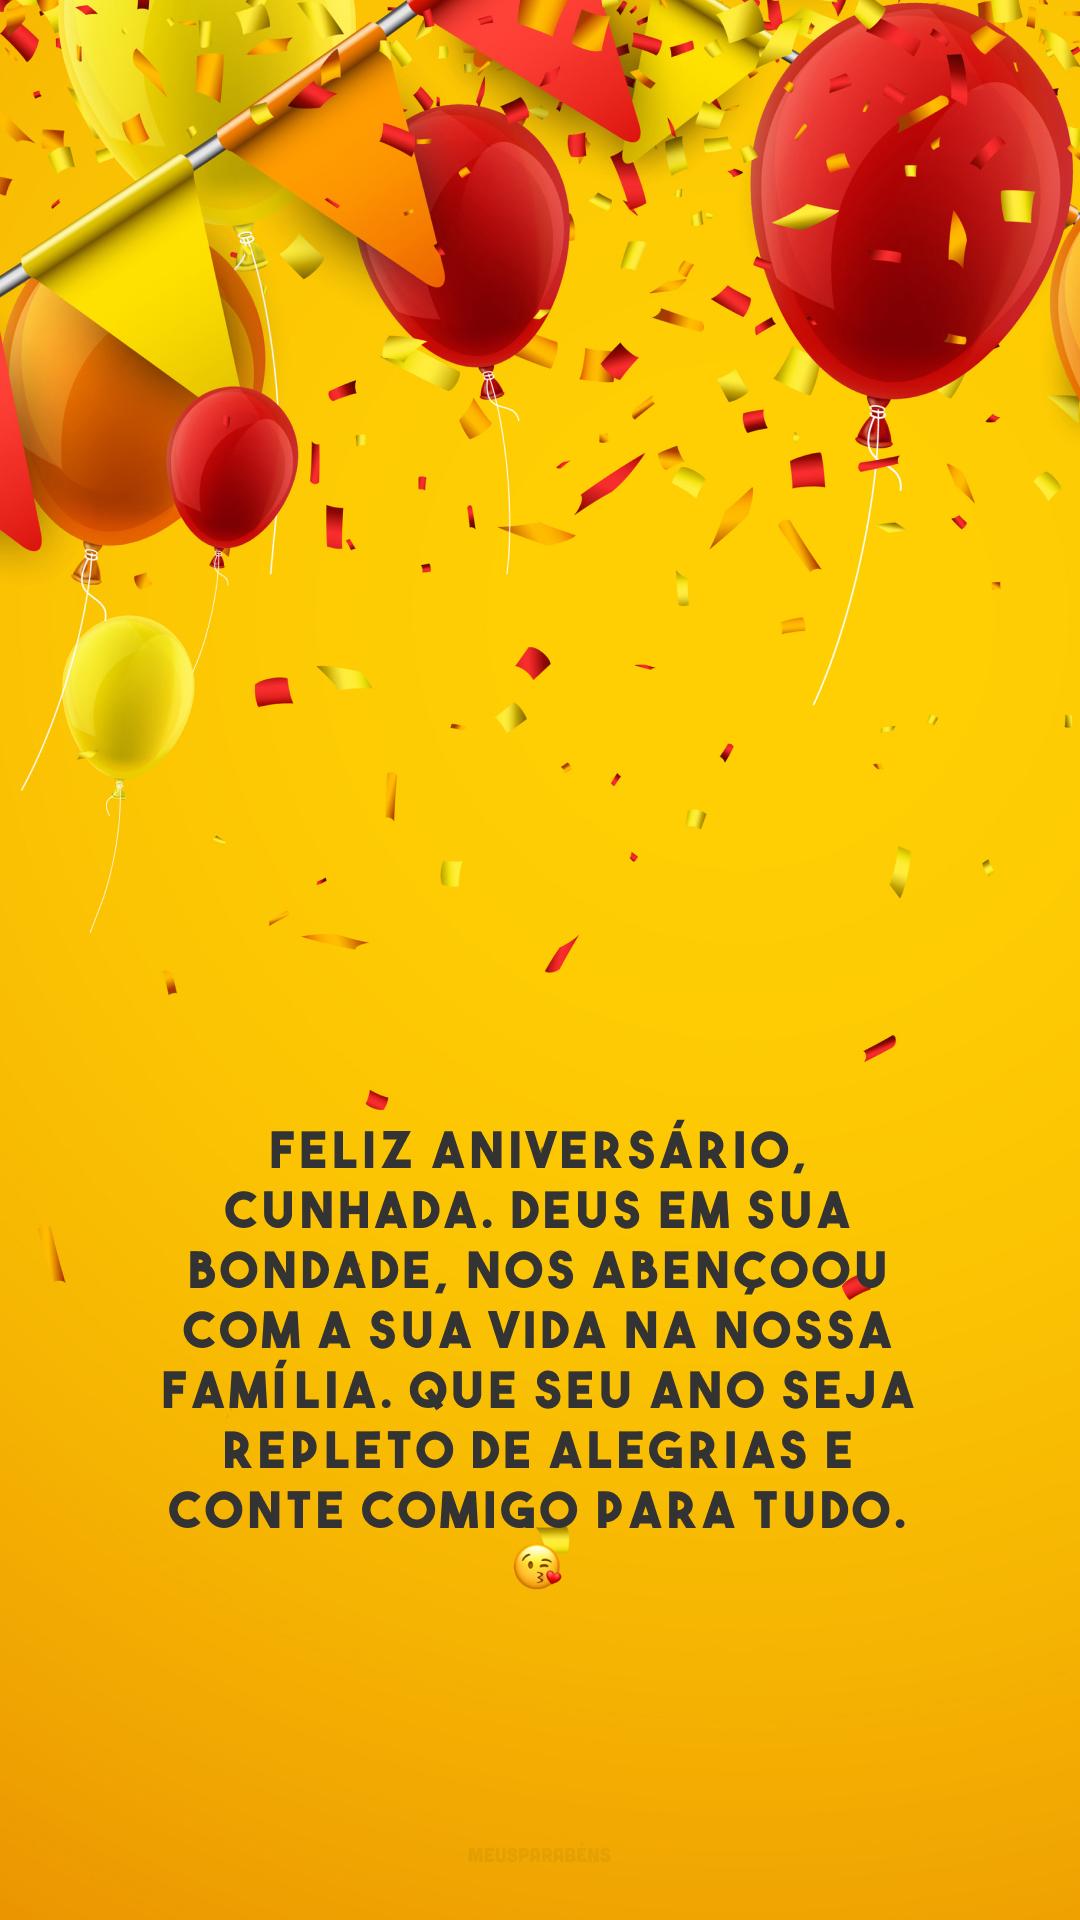 Feliz aniversário, cunhada. Deus em sua bondade, nos abençoou com a sua vida na nossa família. Que seu ano seja repleto de alegrias e conte comigo para tudo. 😘